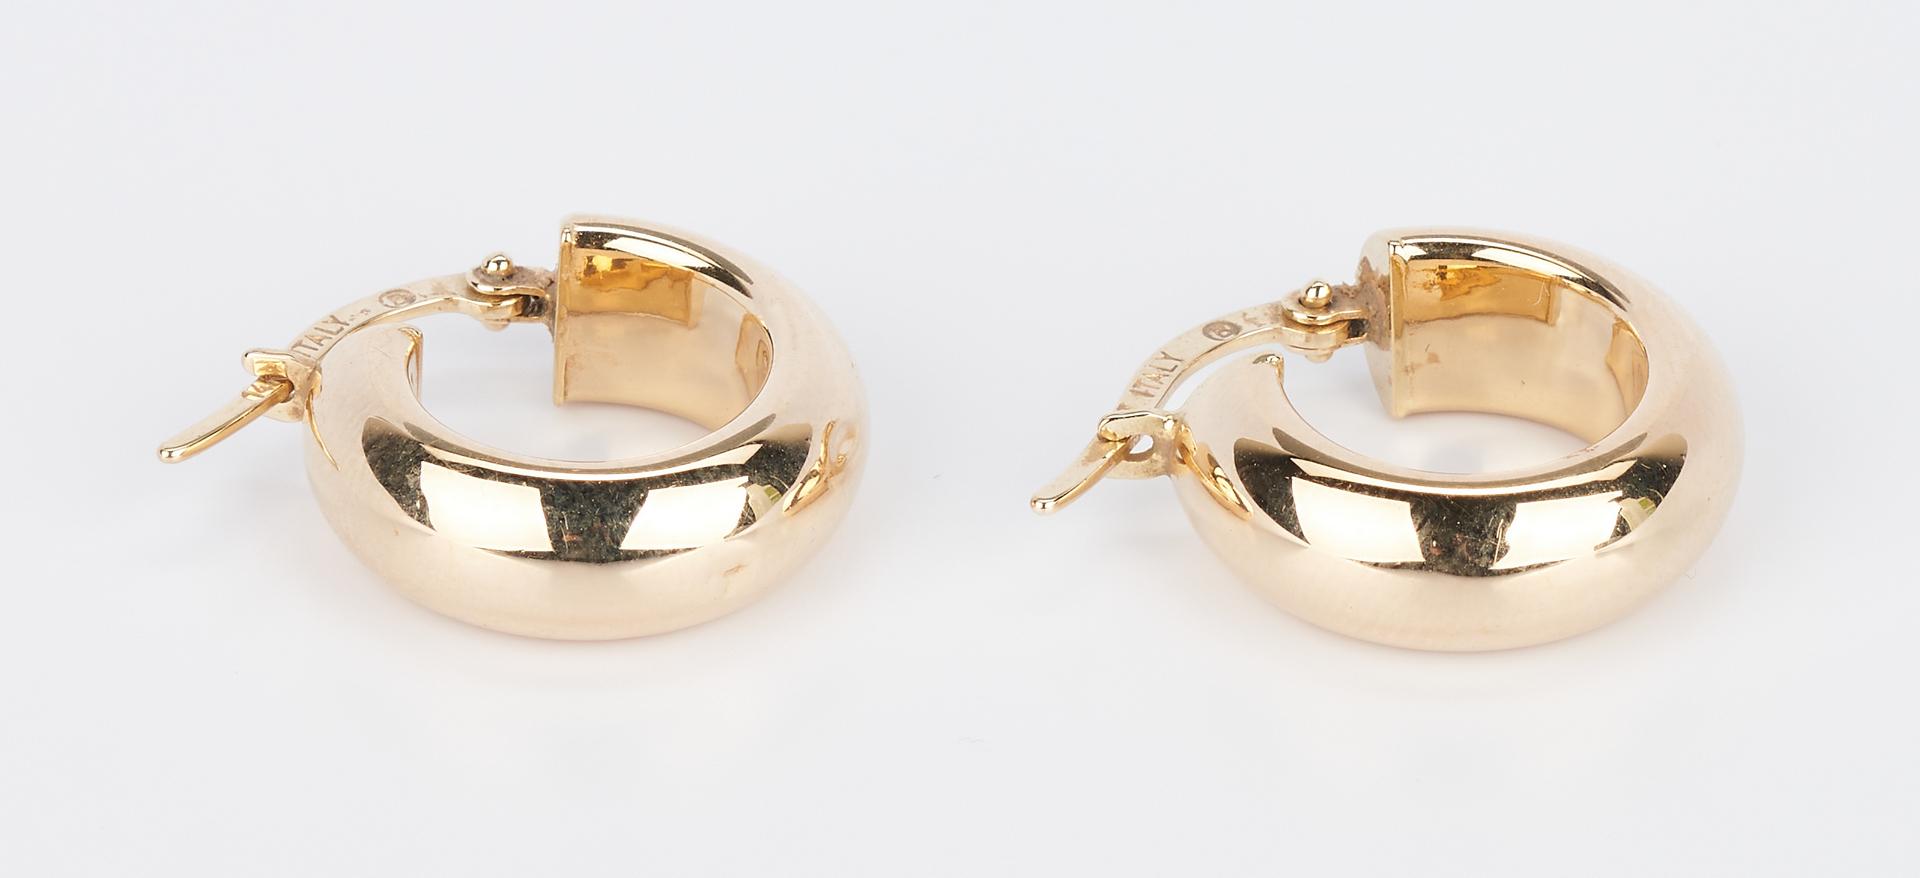 Lot 726: 2 Lady's 14K Bracelets & 2 Prs. 14K Earrings